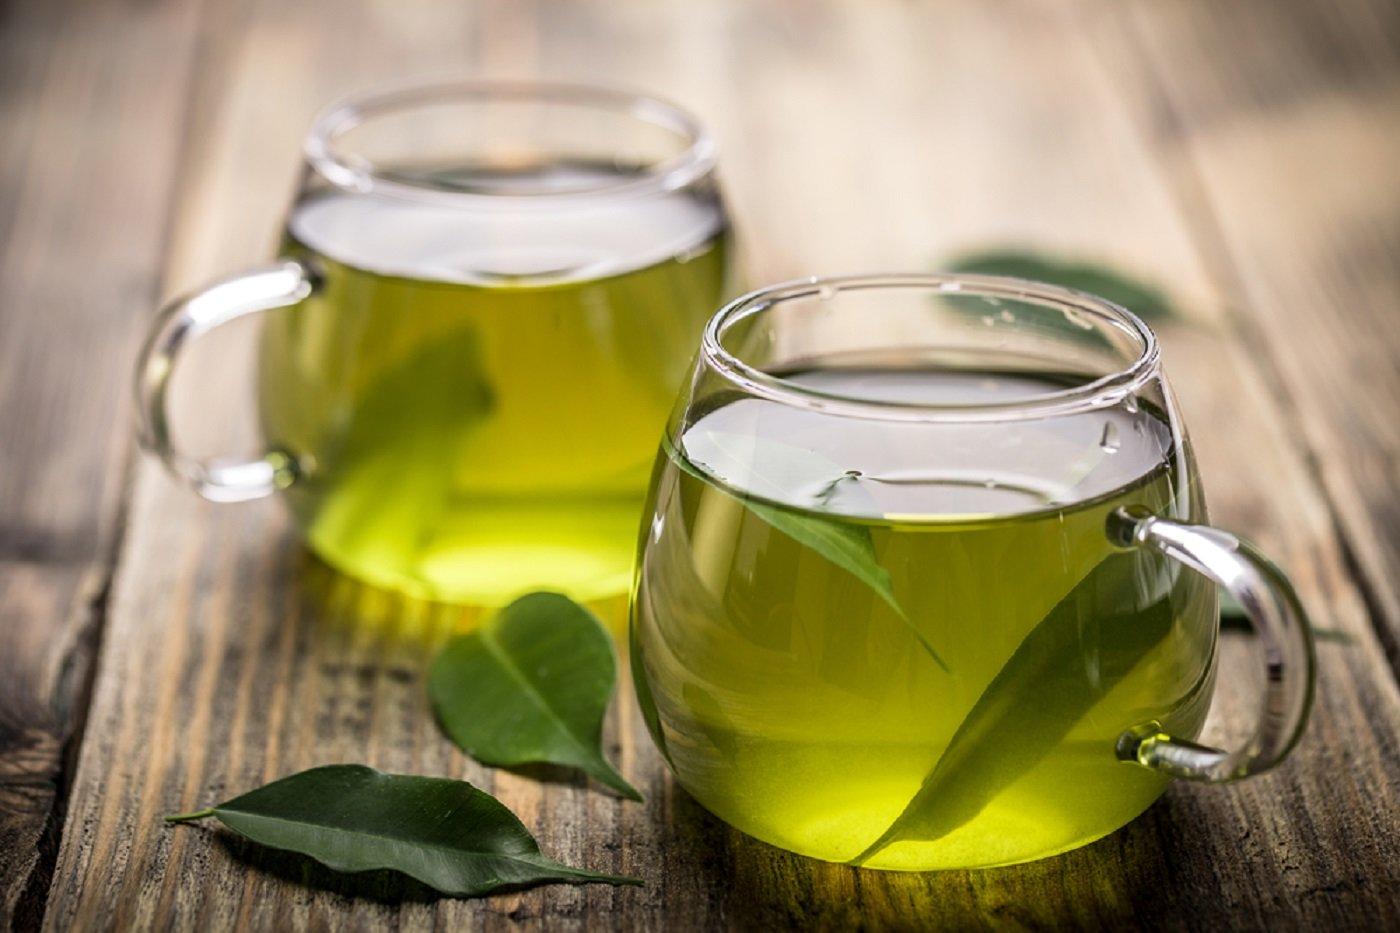 Напиток для здоровья: советы ученых по объему употребления зеленого чая